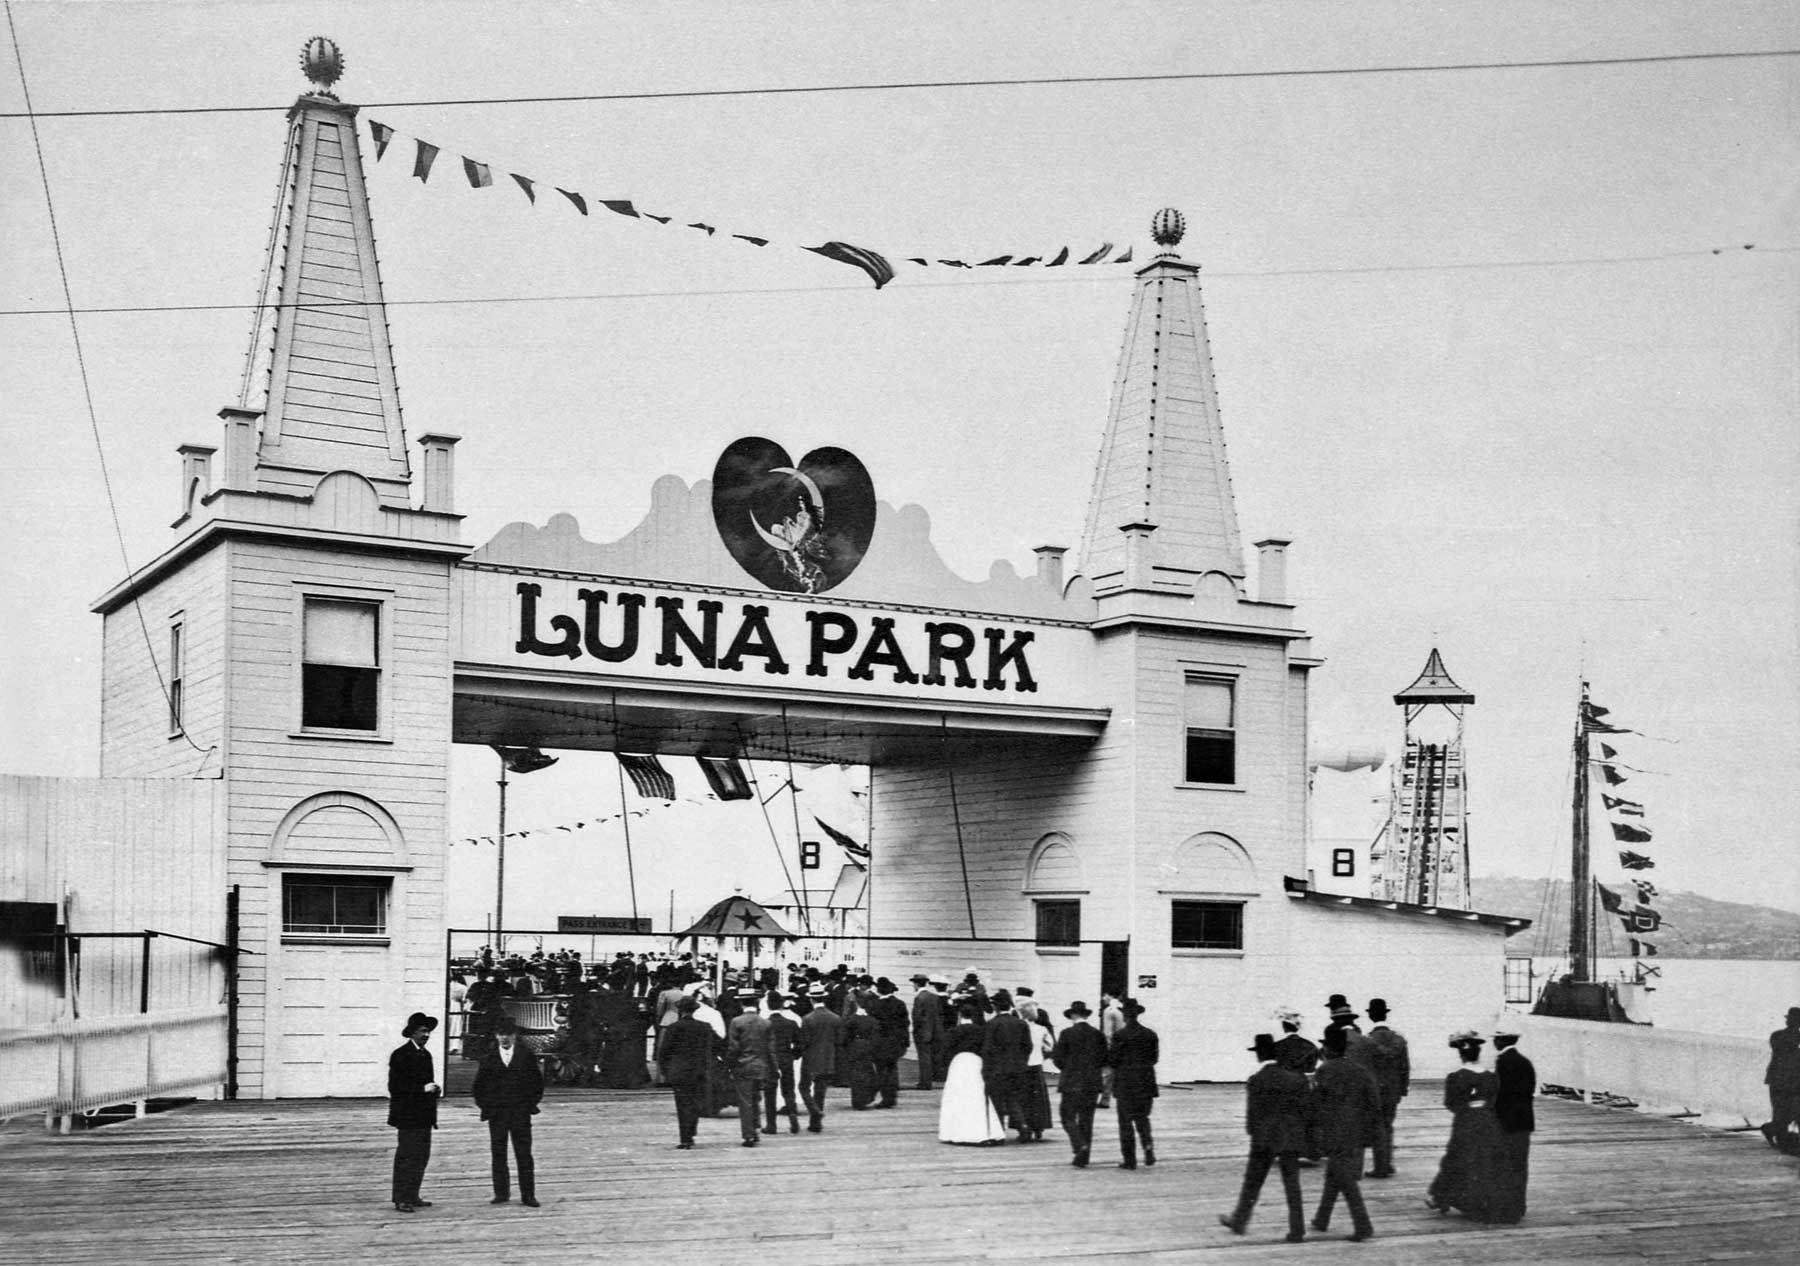 luna park, west seattle